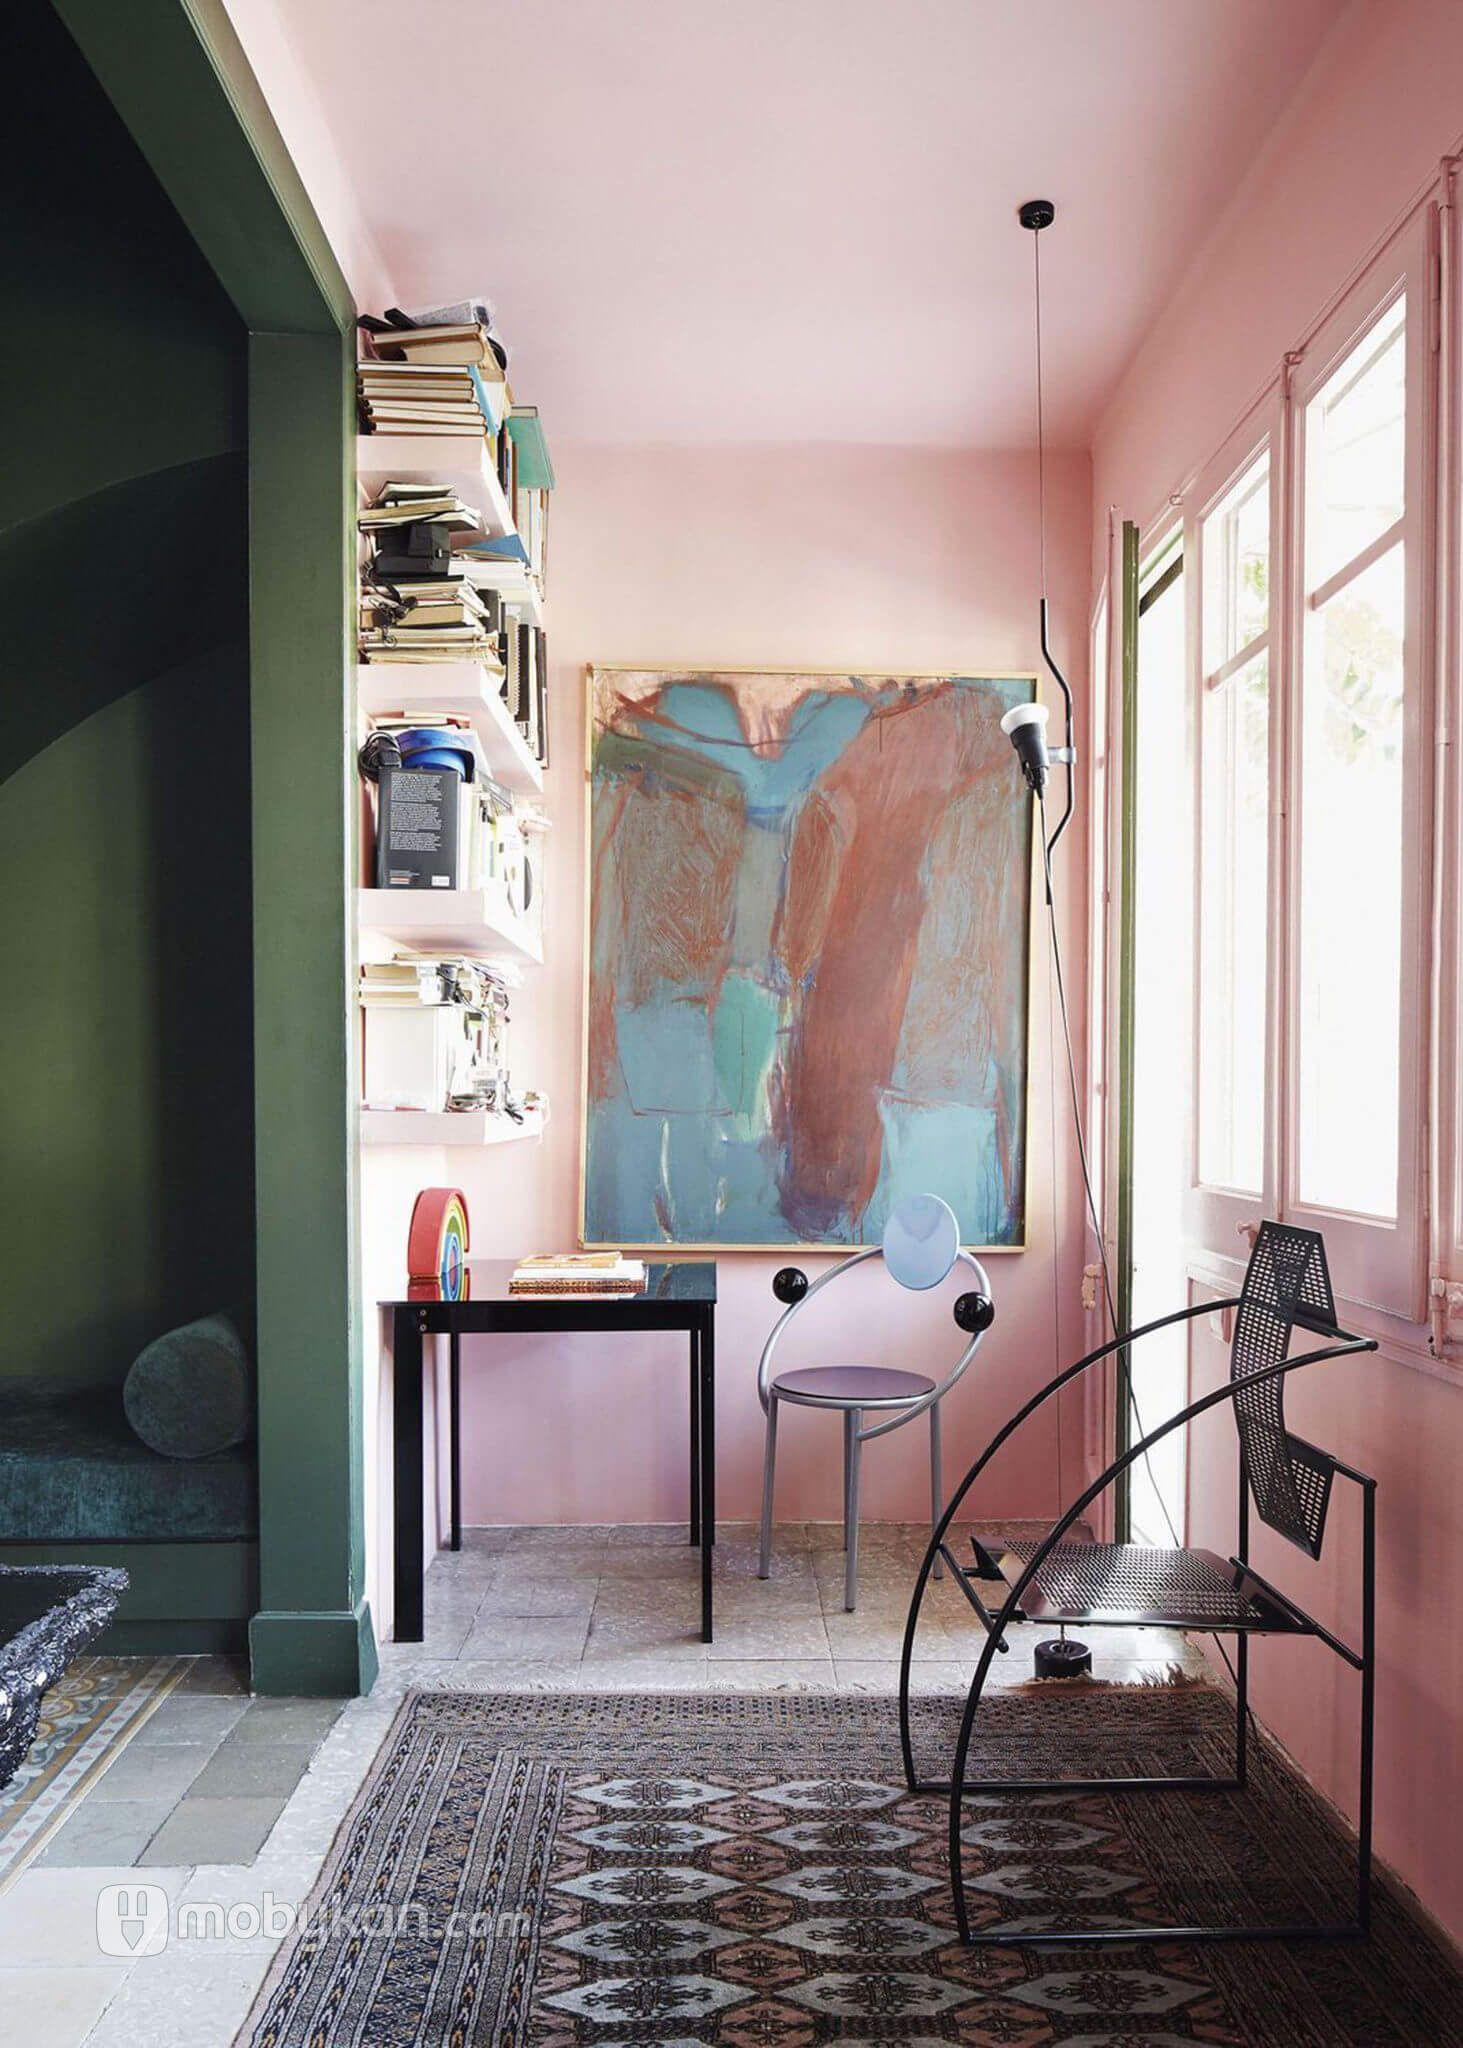 اشكال و الوان حوائط مميزه و مختلفه مجلة موبيكان Idee Per Interni Idee Per Decorare La Casa Idee Di Interior Design